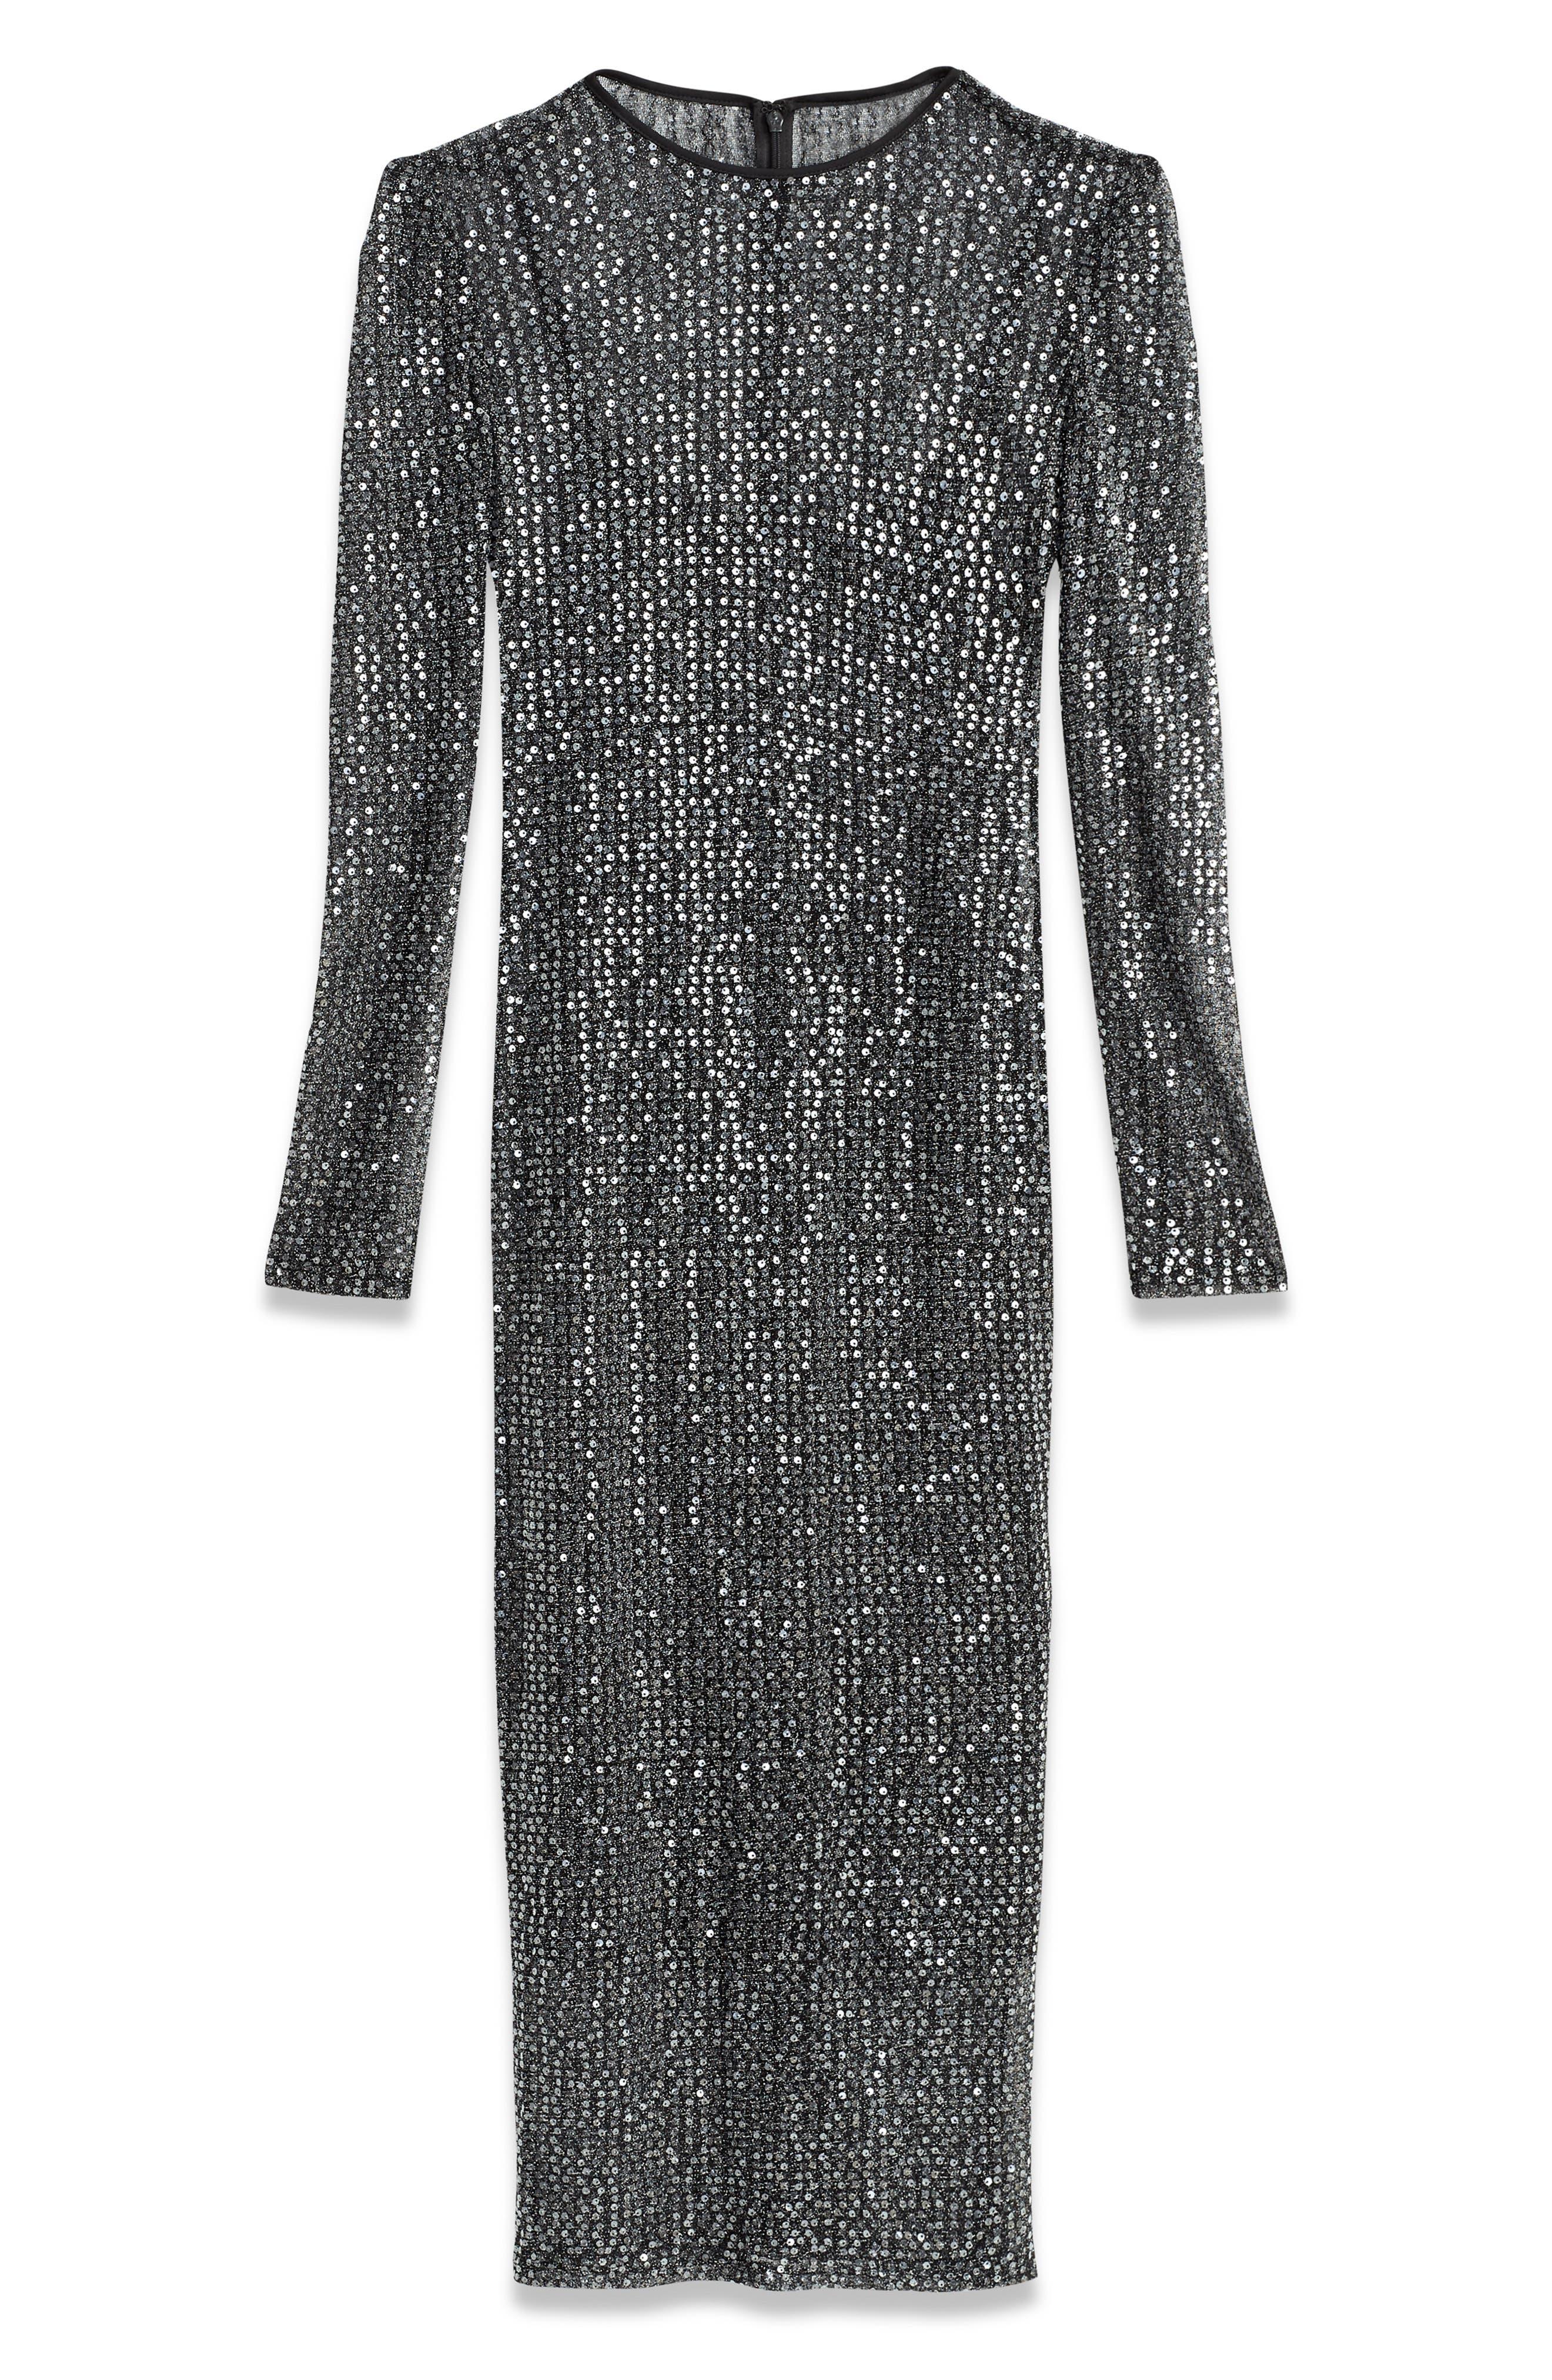 Sequin Midi Dress,                             Alternate thumbnail 3, color,                             BLACK